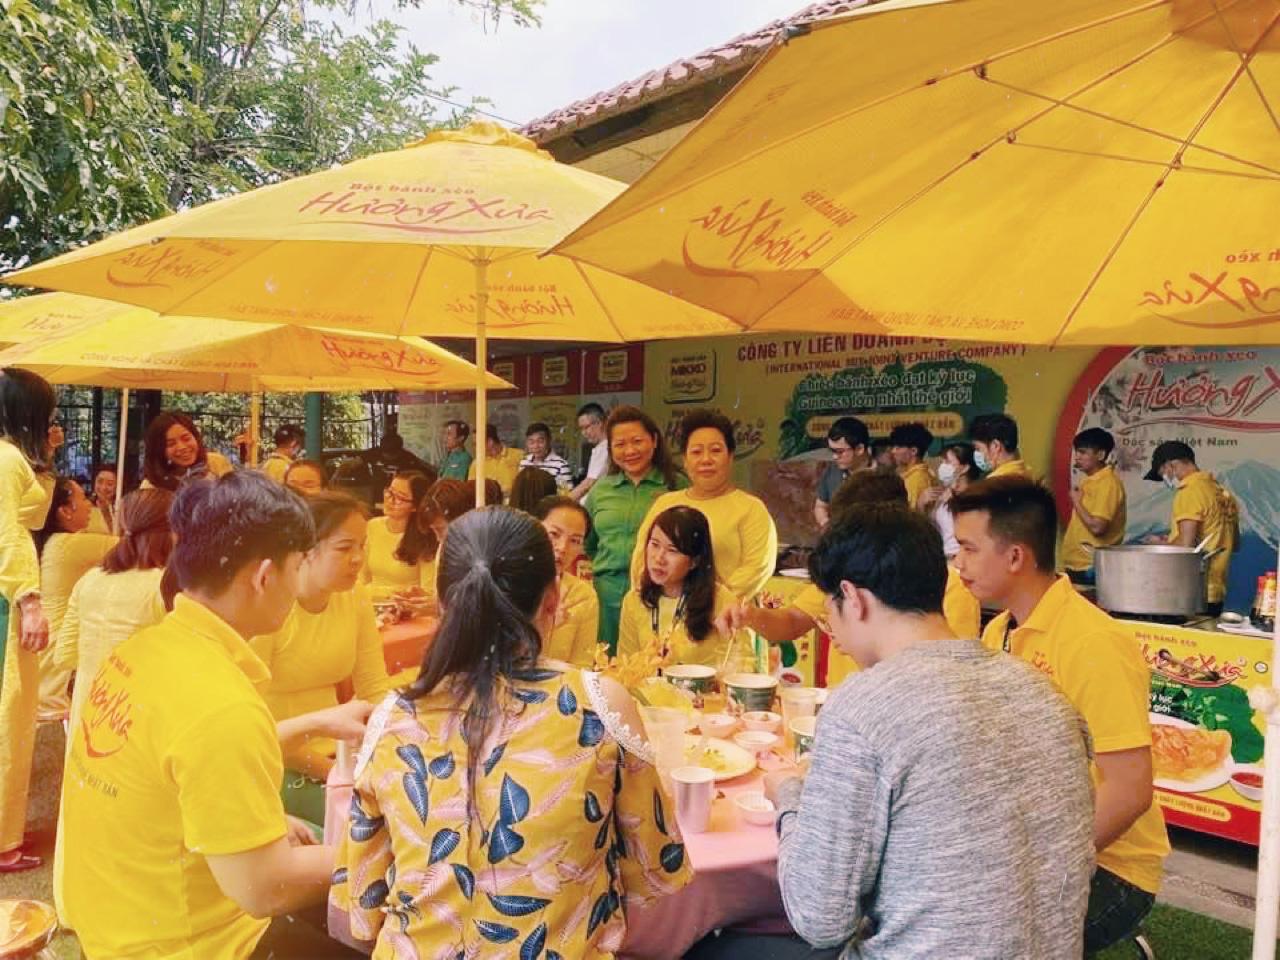 """Bà Huỳnh Kim Chi - Chủ tịch HĐQT Cty Liên doanh Bột Quốc tế Intermix: """"Đưa ẩm thực truyền thống Việt ra thế giới"""" - Ảnh 9."""